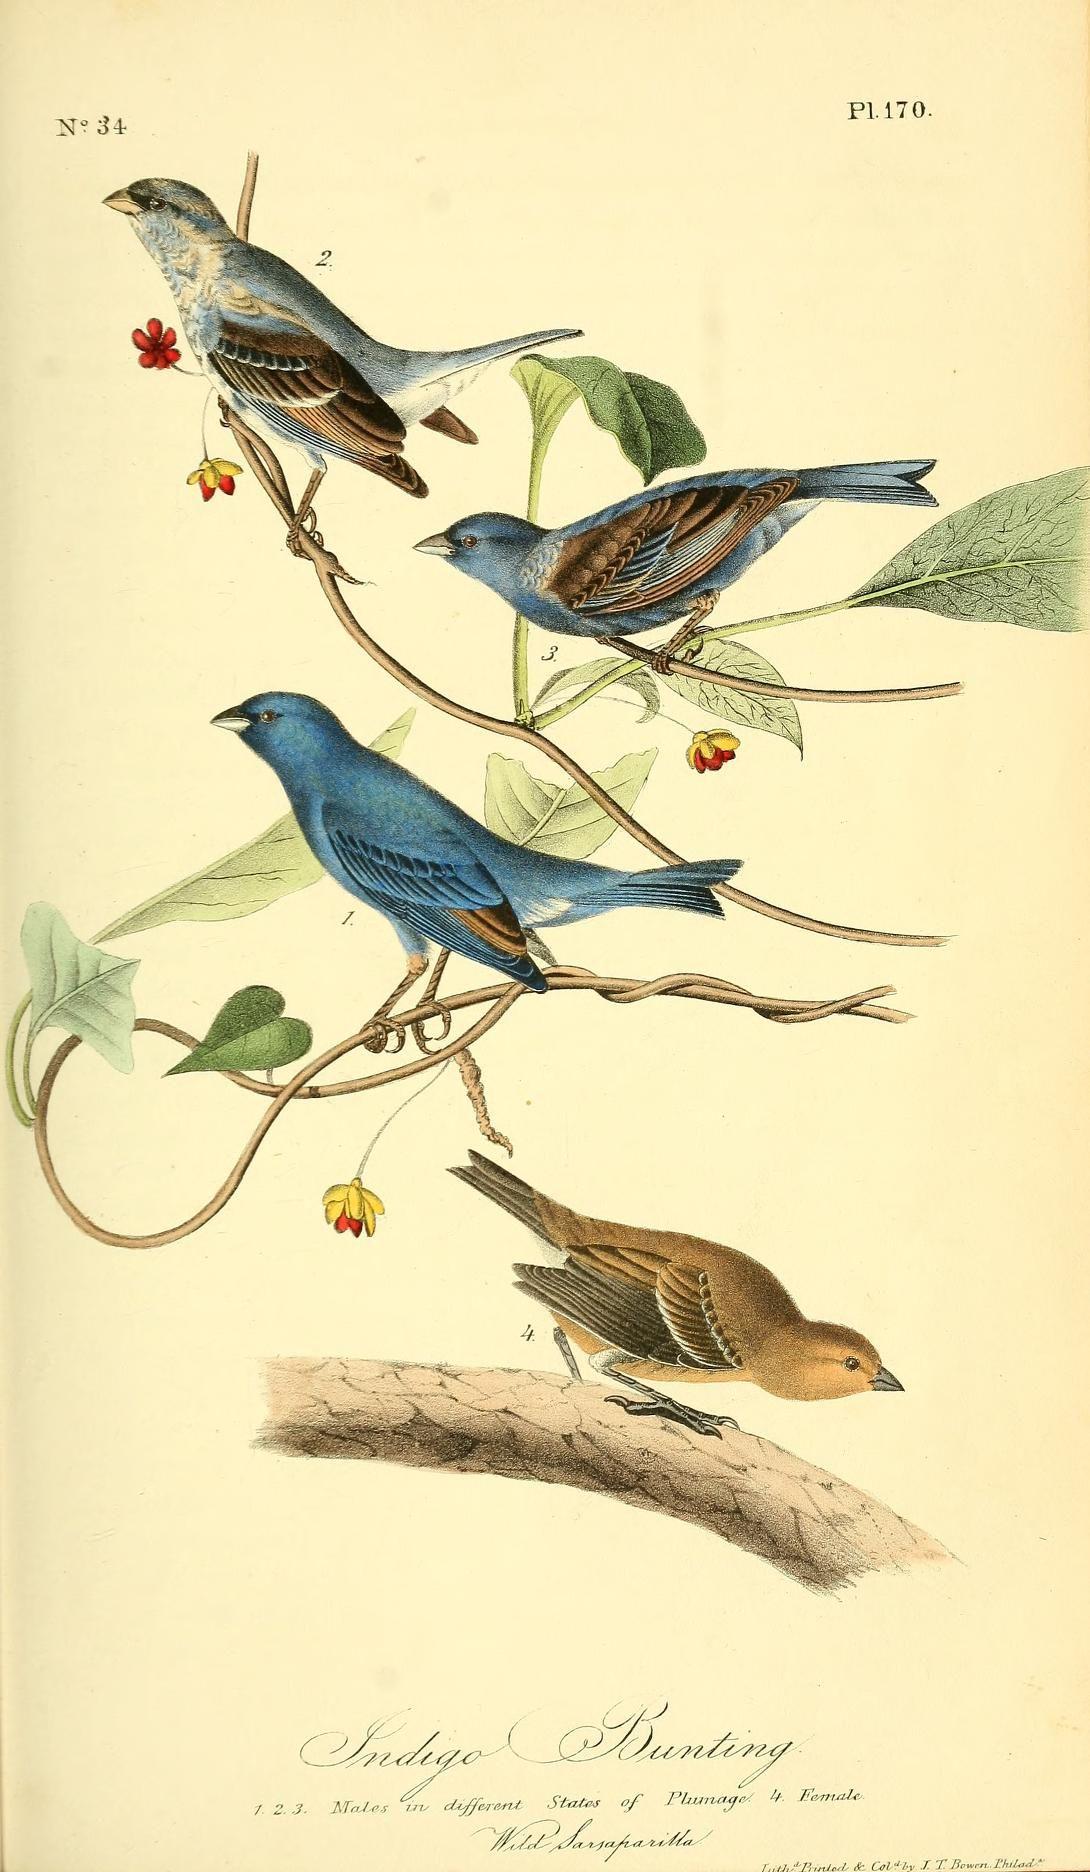 V 3 The Birds Of America John J Audubon 1840 Biodiversity